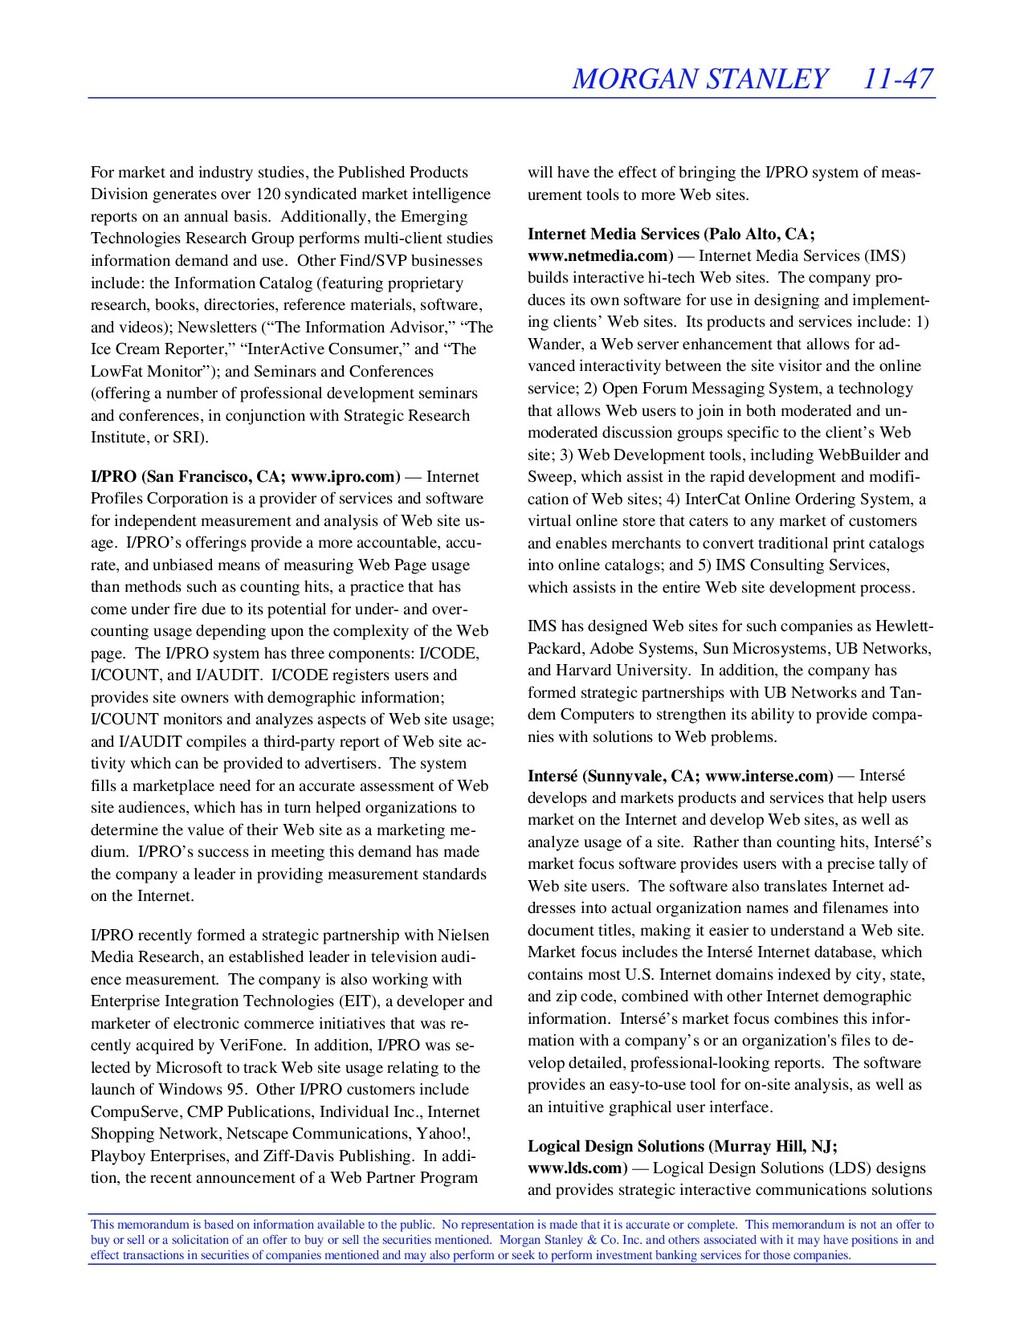 MORGAN STANLEY 11-47 This memorandum is based o...